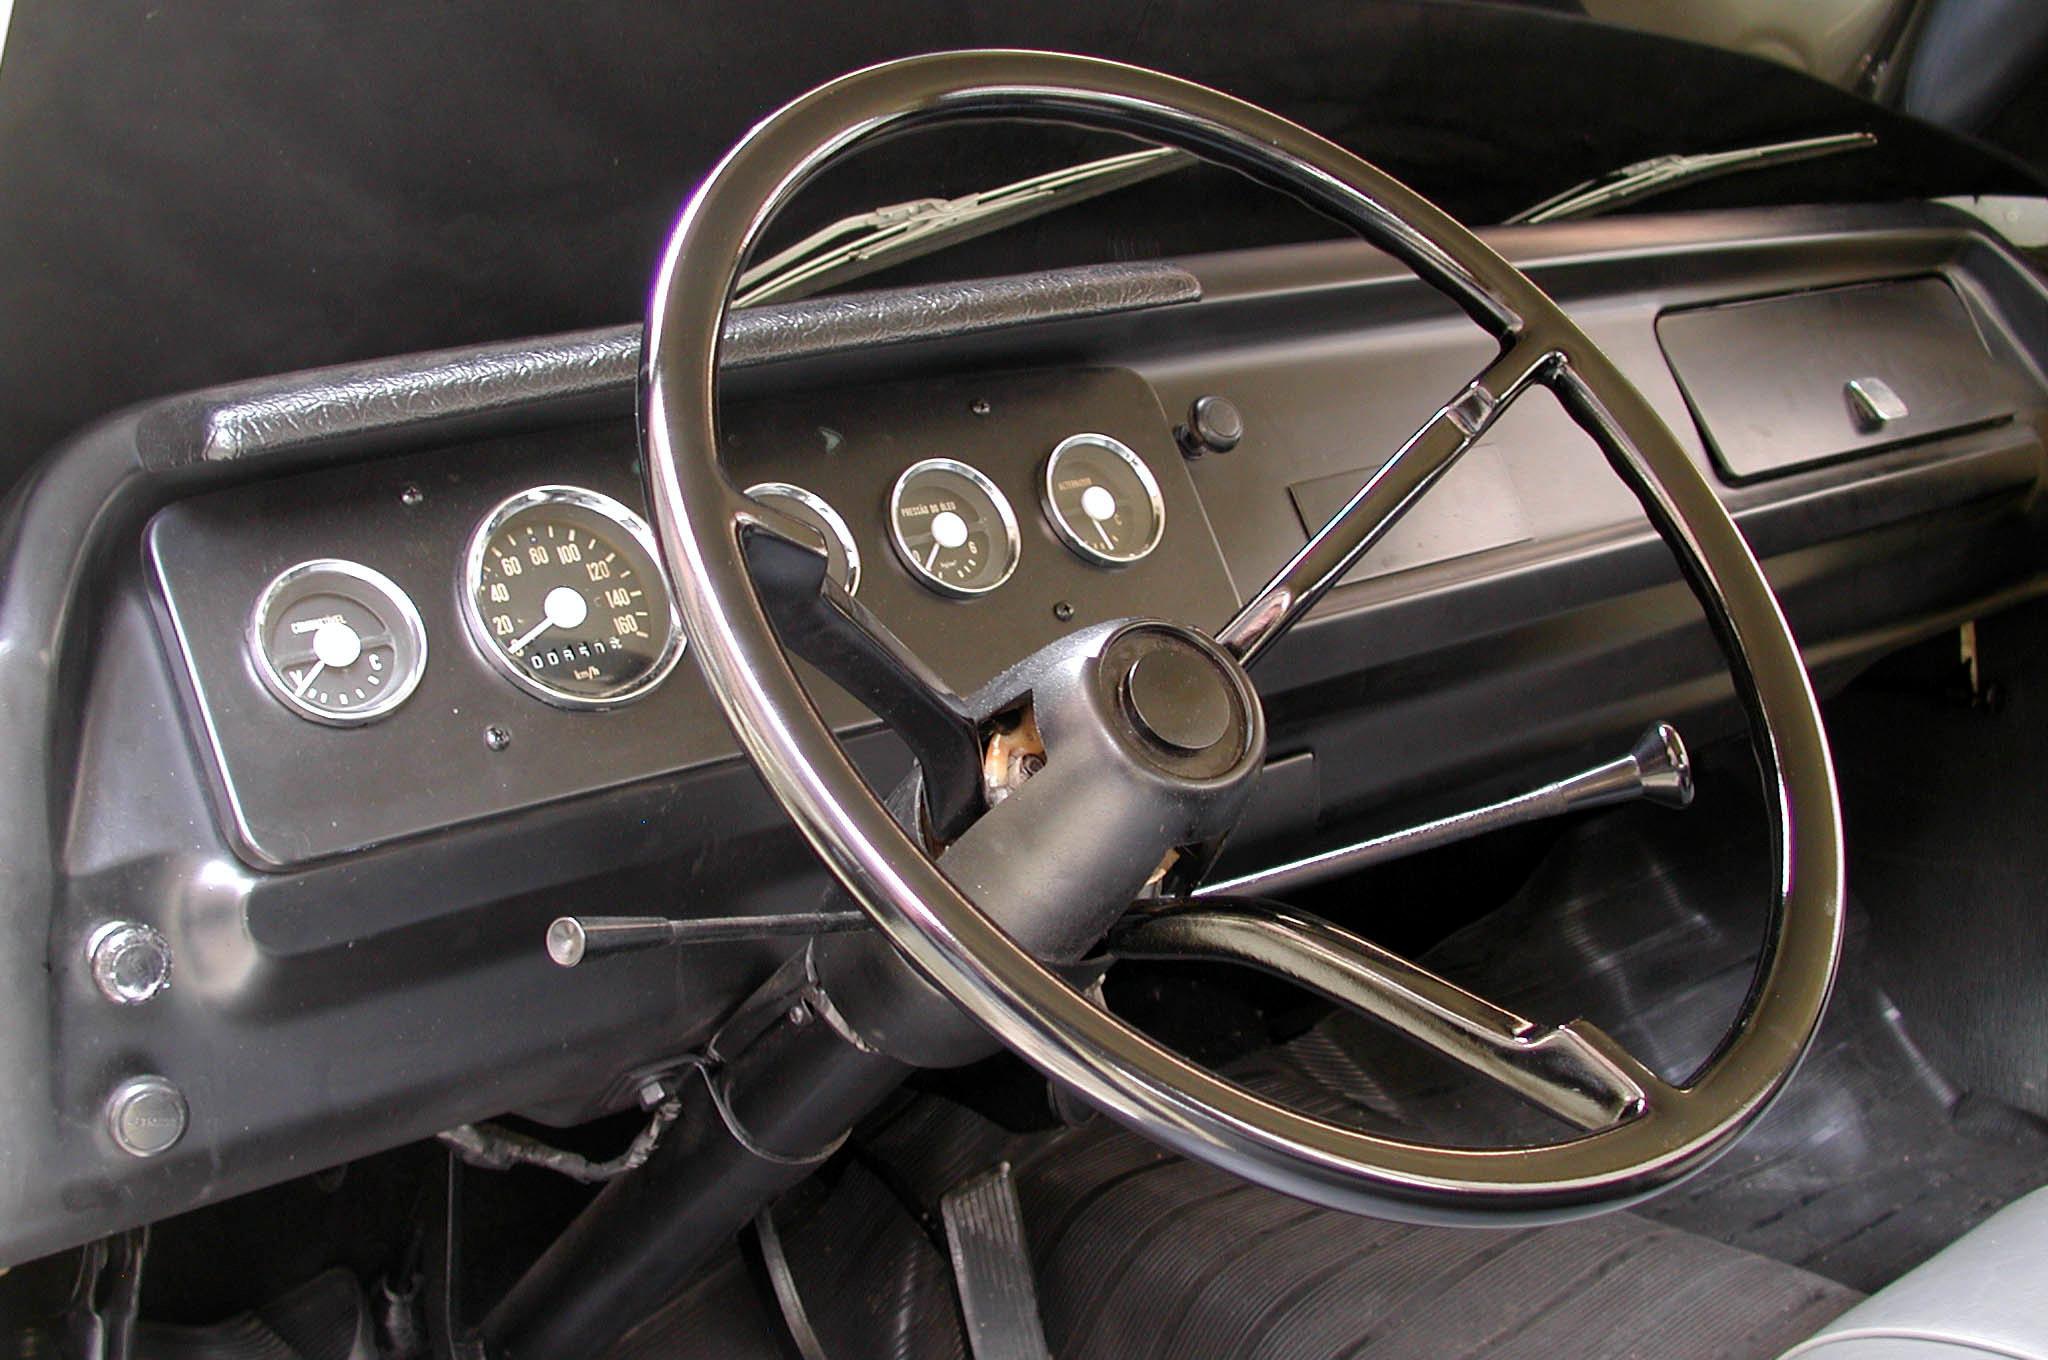 Painel da picape Dodge D 100, versão standard modelo 1970 da Chrysler, de propri